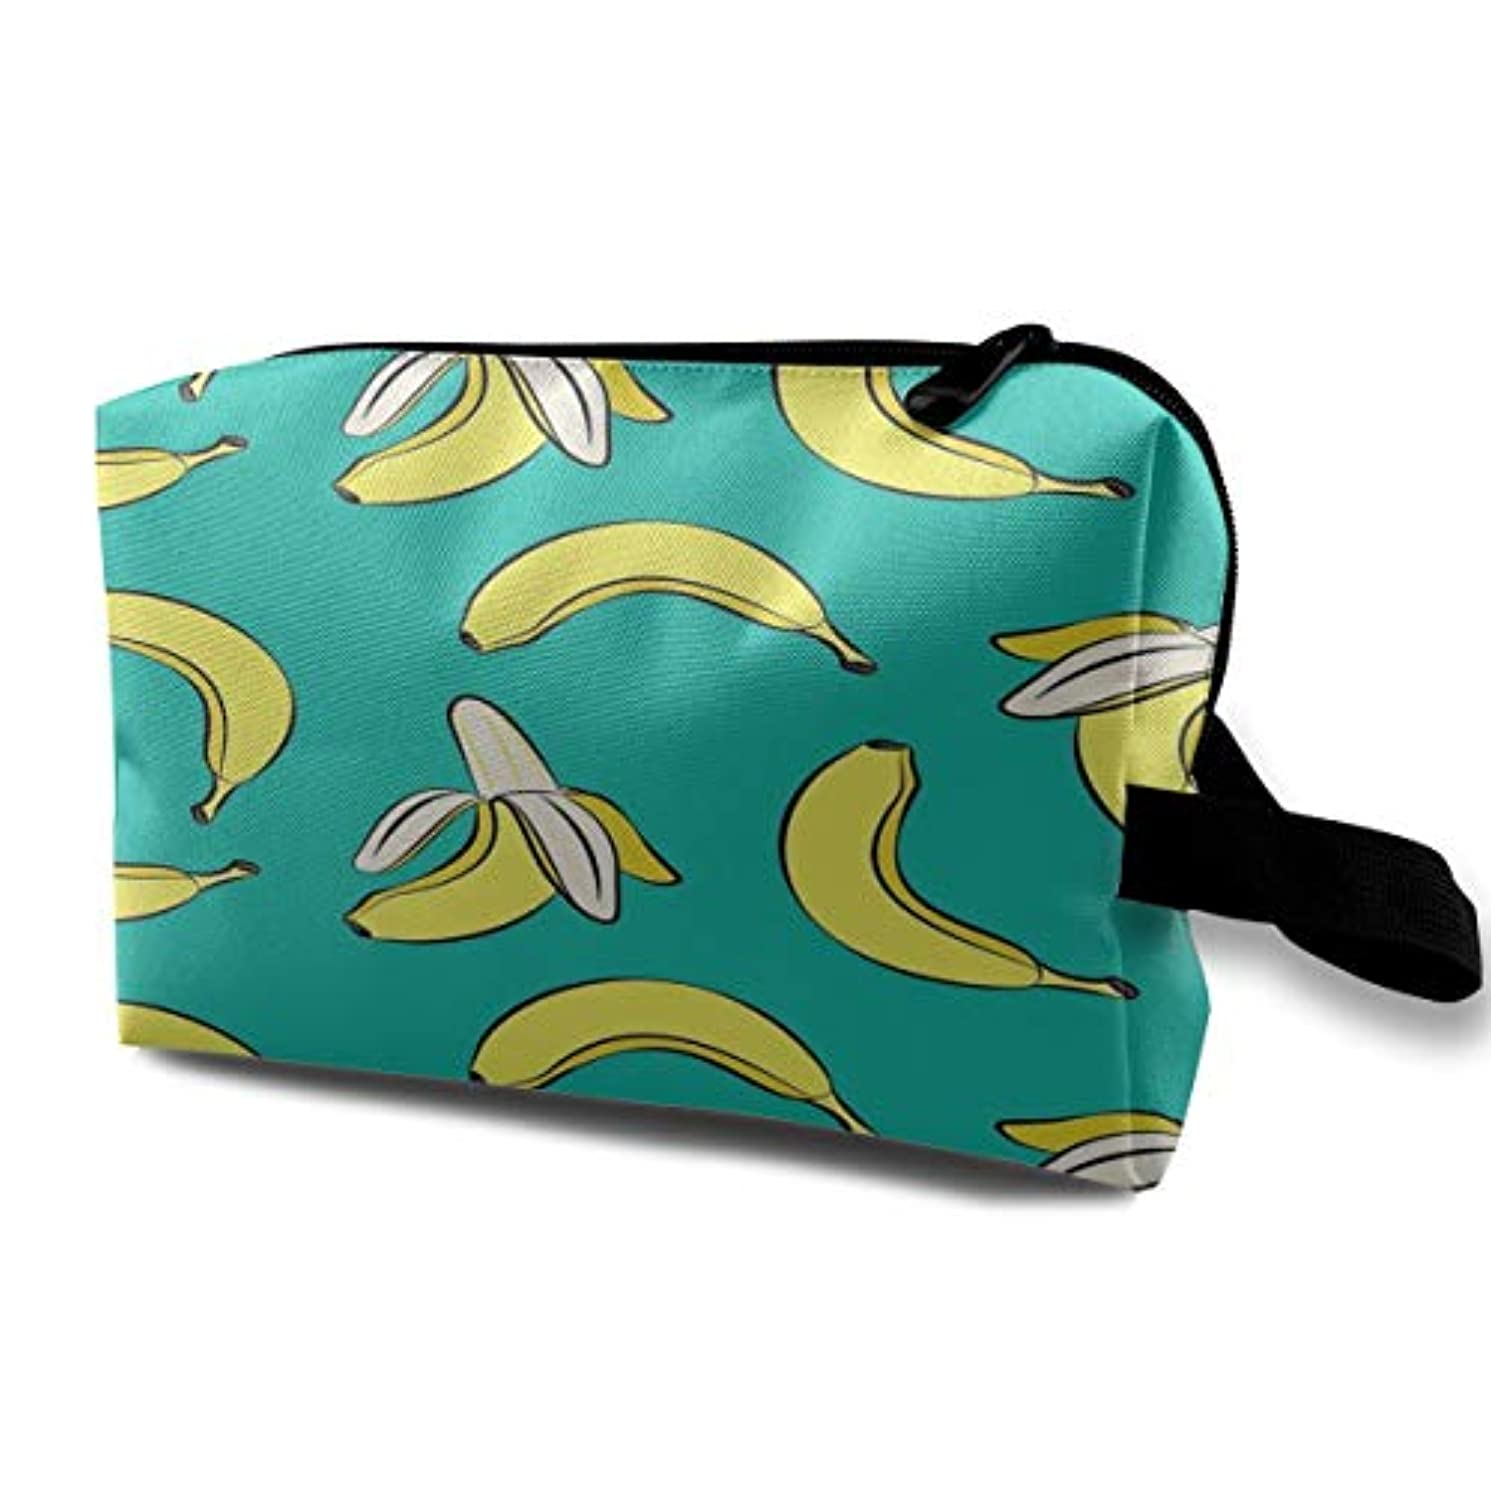 革命違反恐竜Bananas On Green 収納ポーチ 化粧ポーチ 大容量 軽量 耐久性 ハンドル付持ち運び便利。入れ 自宅?出張?旅行?アウトドア撮影などに対応。メンズ レディース トラベルグッズ